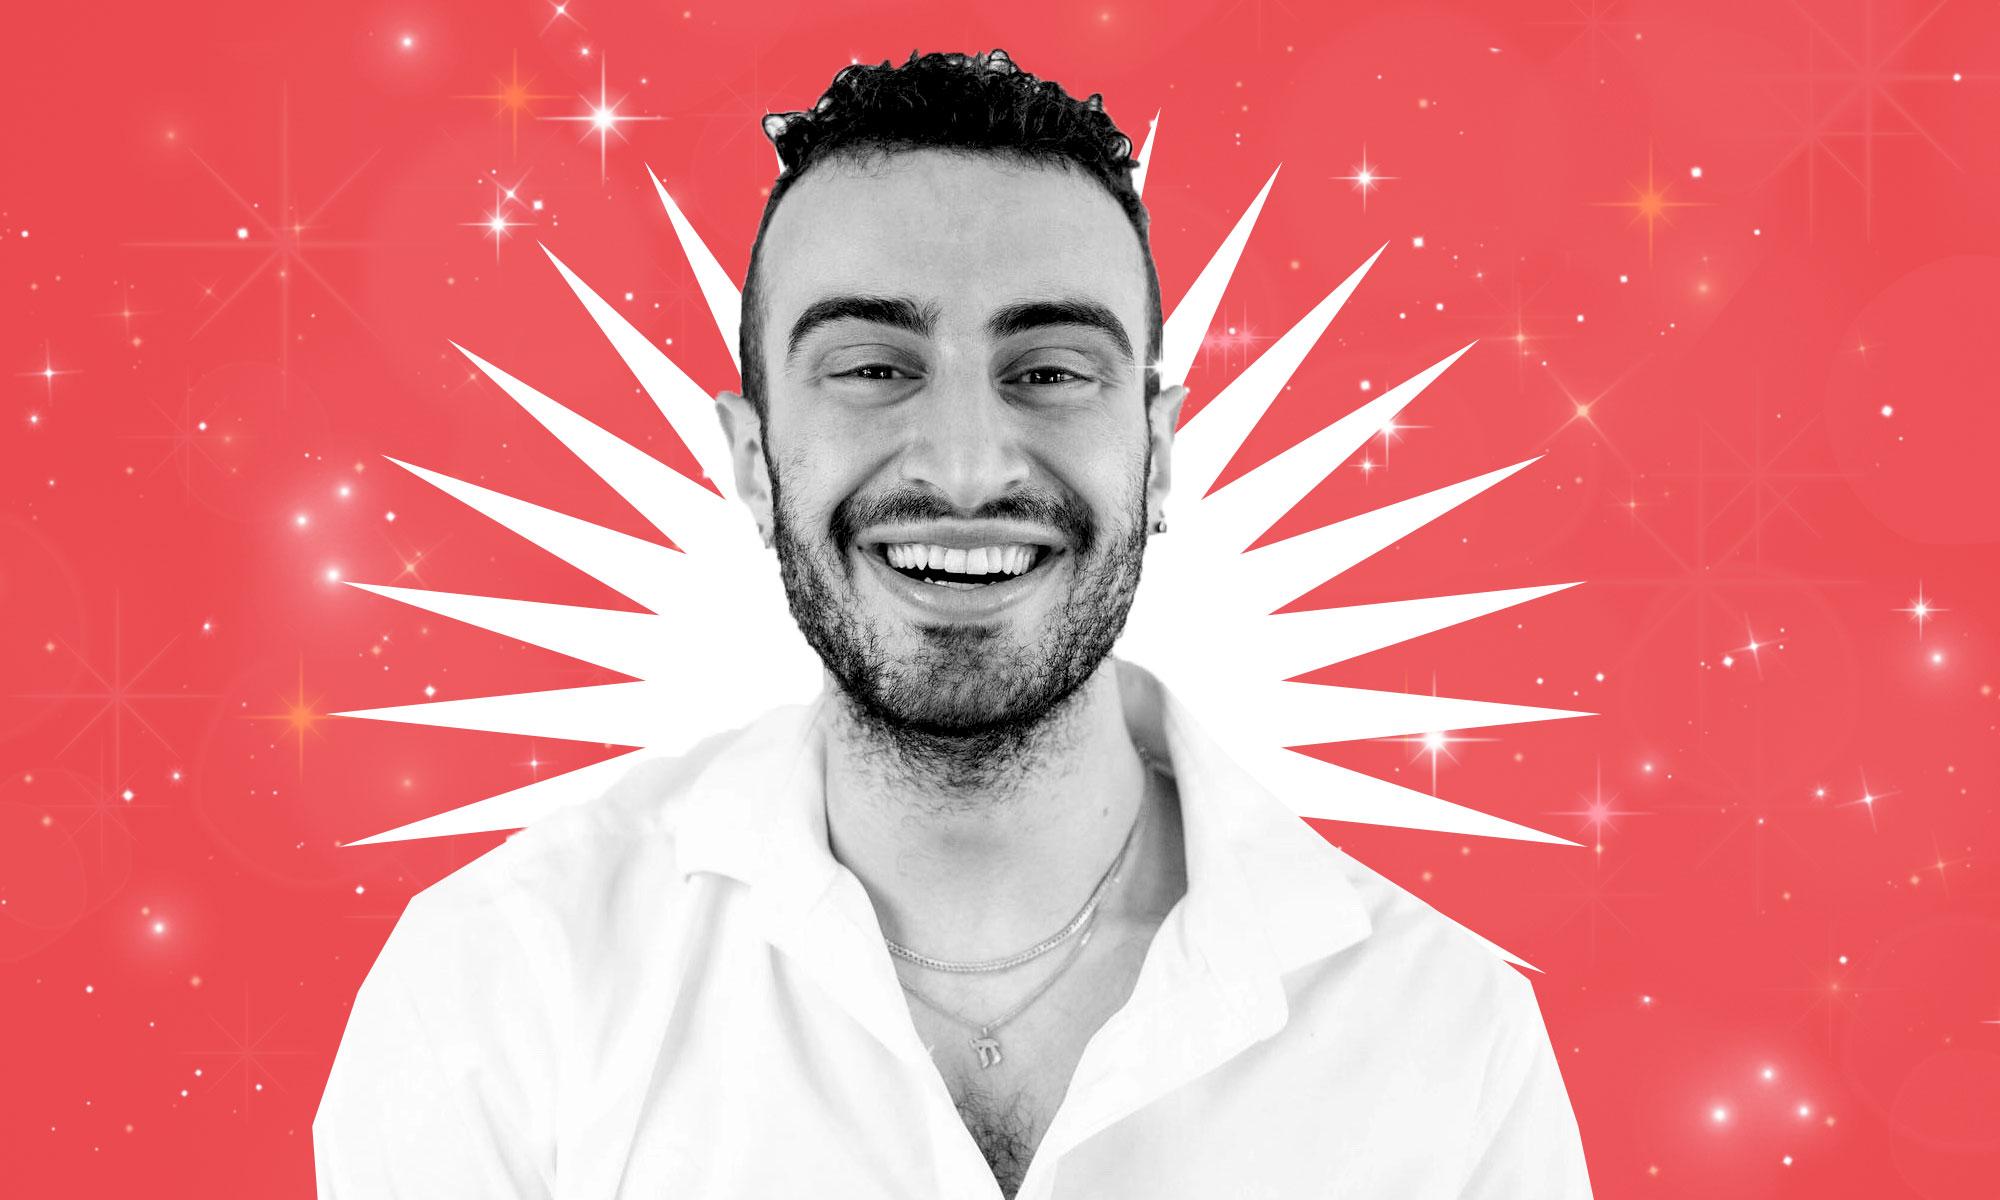 Smiling man with beard wearing white collared shirt.